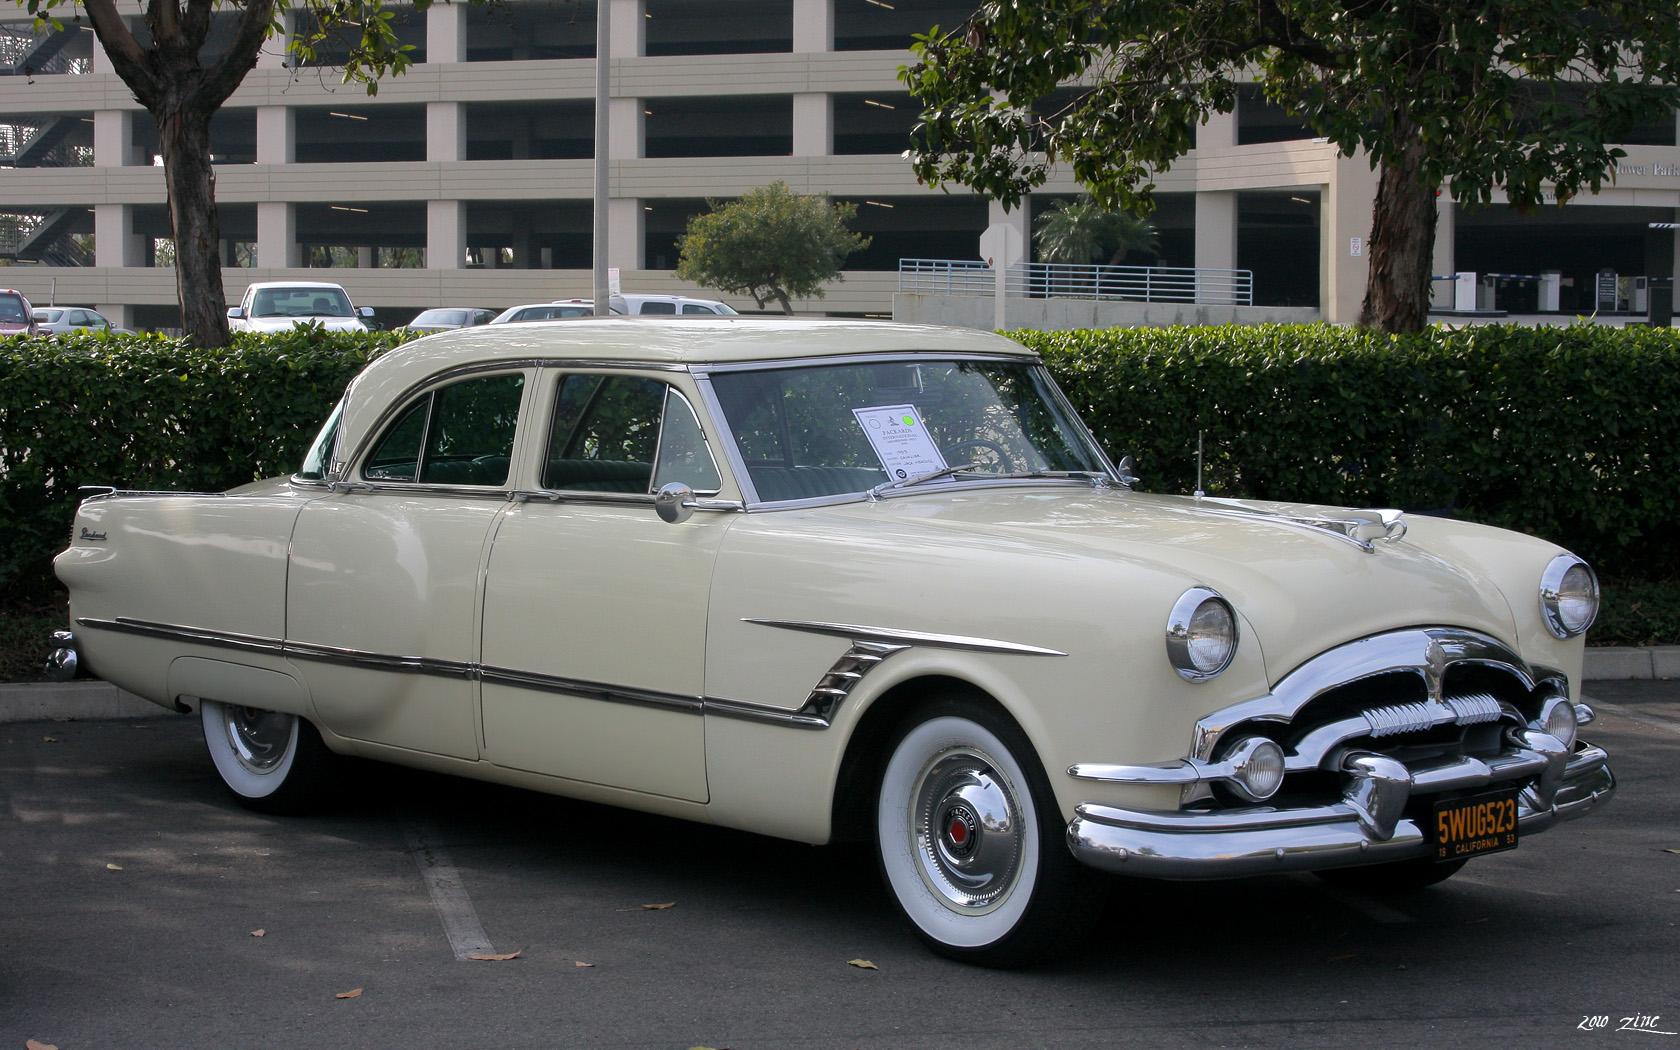 File:1953 Packard Cavalier 4d sdn - Carolina Cream - fvr ...